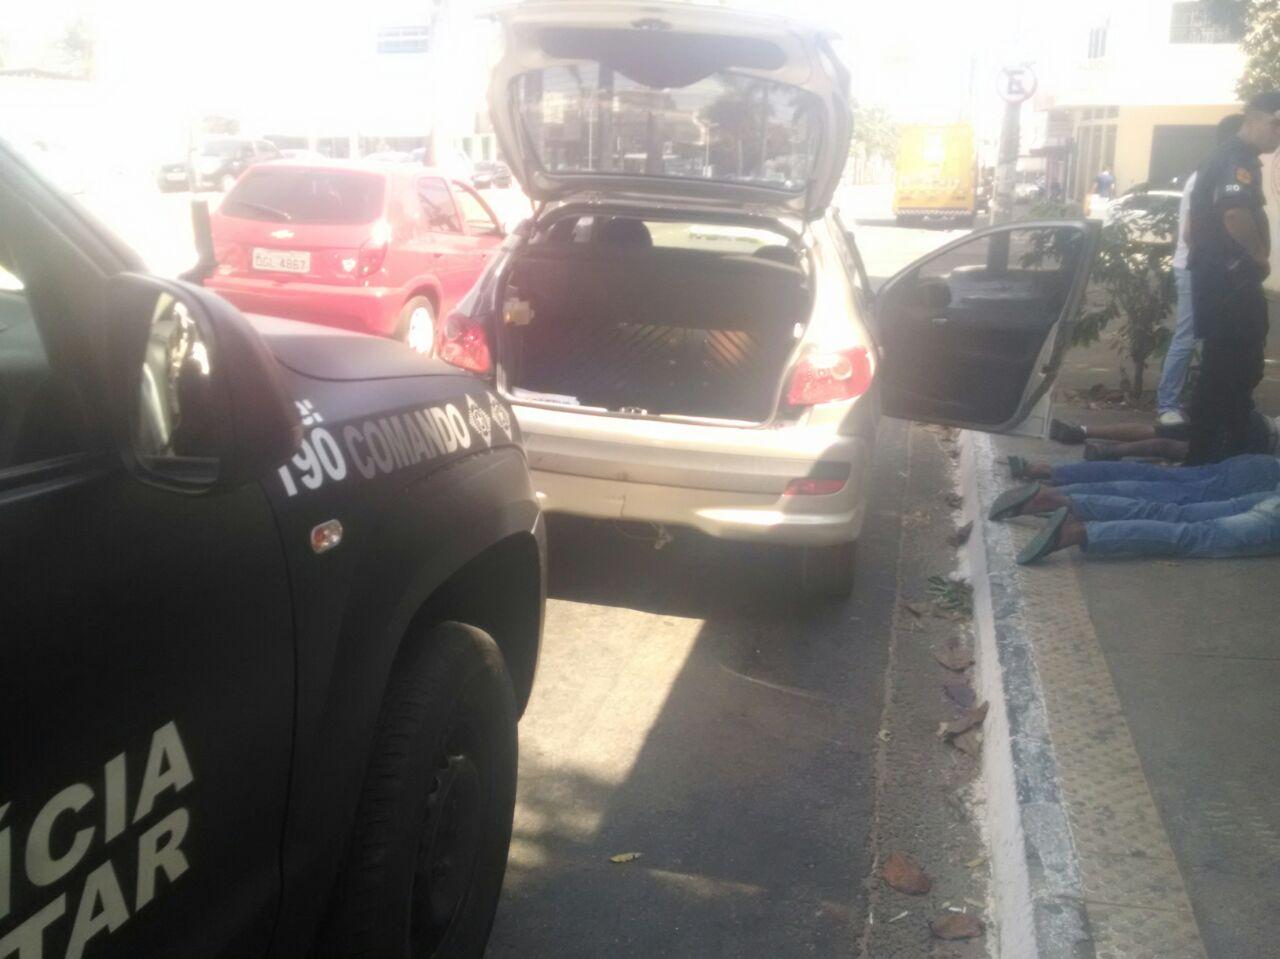 Quadrilha foi identificada pela Rotam durante patrulha no Jardim América | Foto: Divulgação/PM